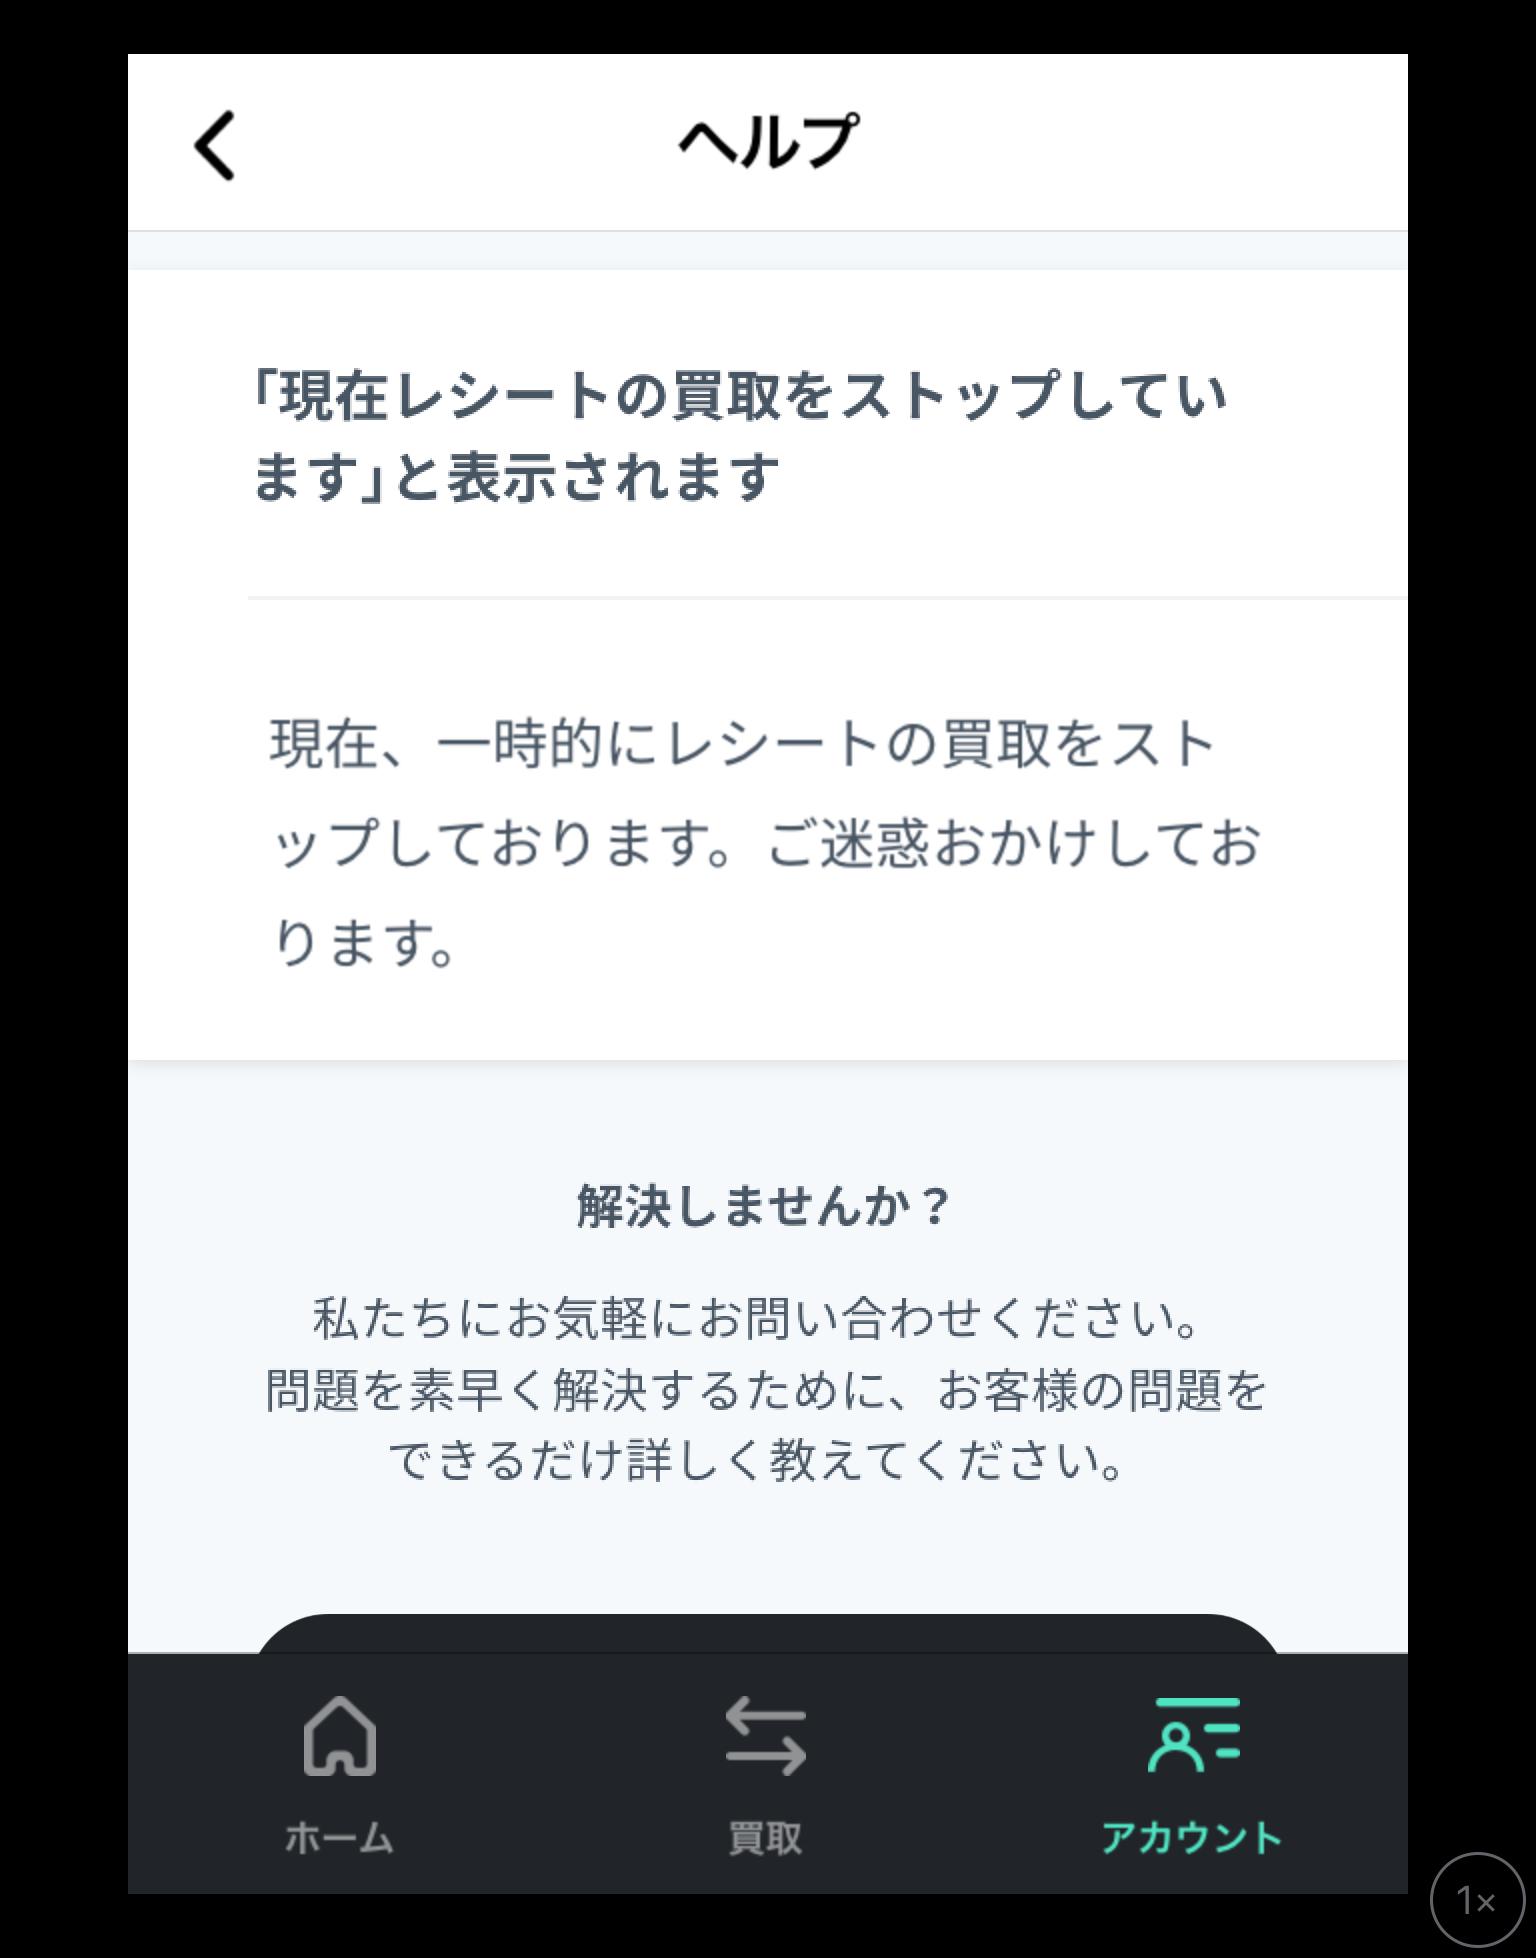 レシート1枚が10円にかわるアプリ「ONE(ワン)」サービス停止中